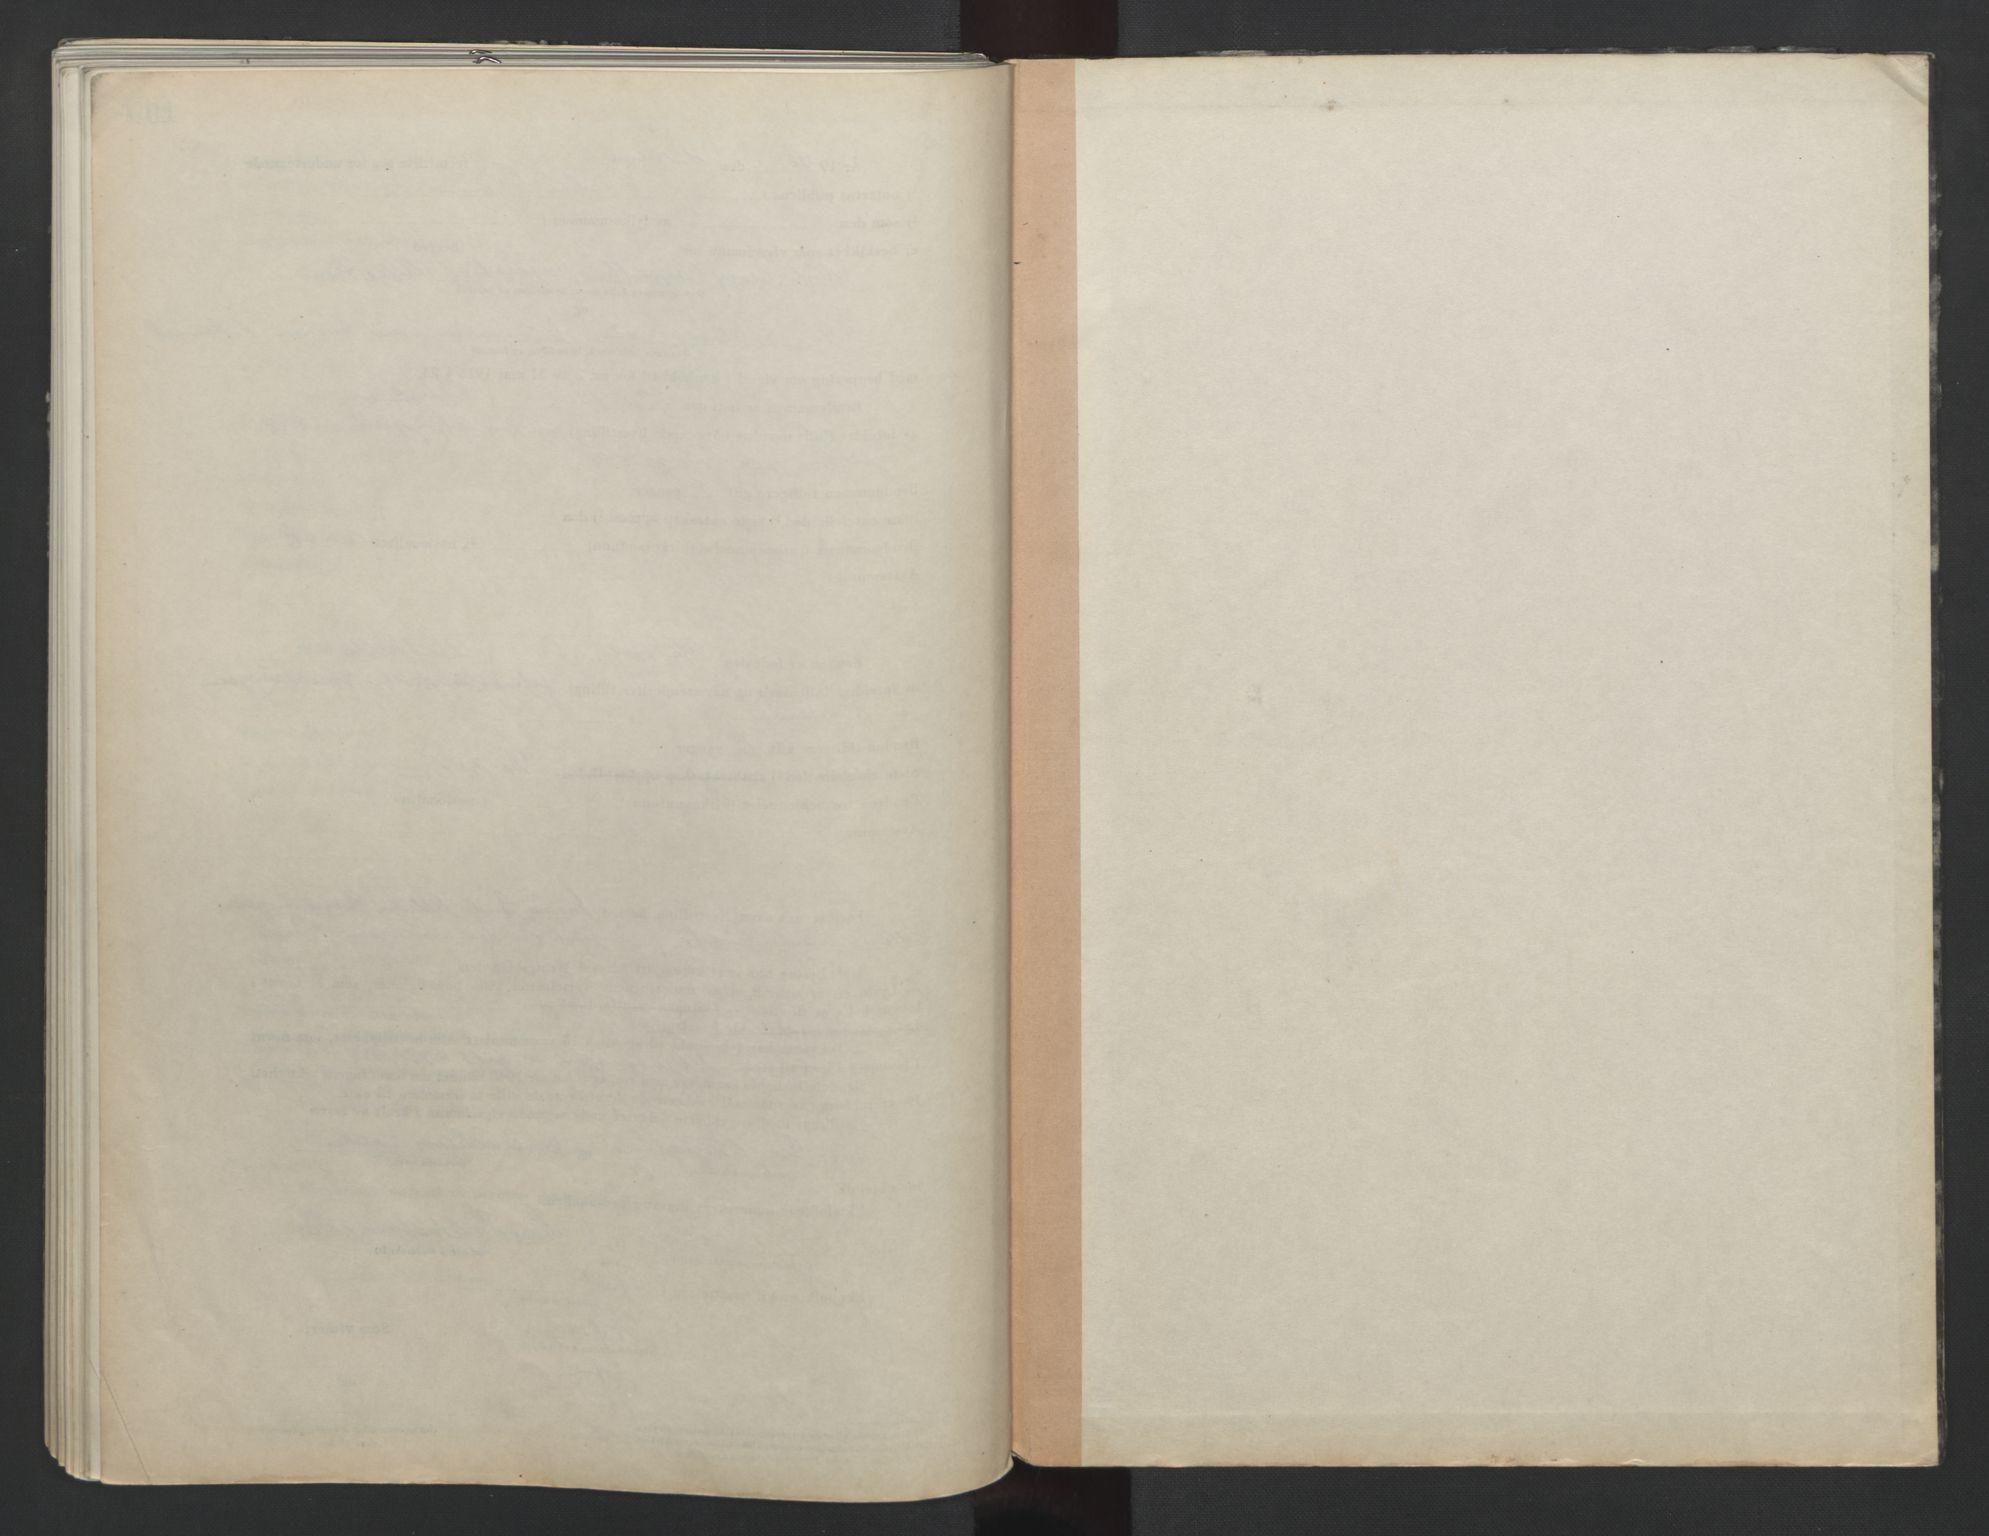 SAO, Nedre Romerike sorenskriveri, L/Lb/L0006: Vigselsbok - borgerlige vielser, 1944-1946, s. 200-201